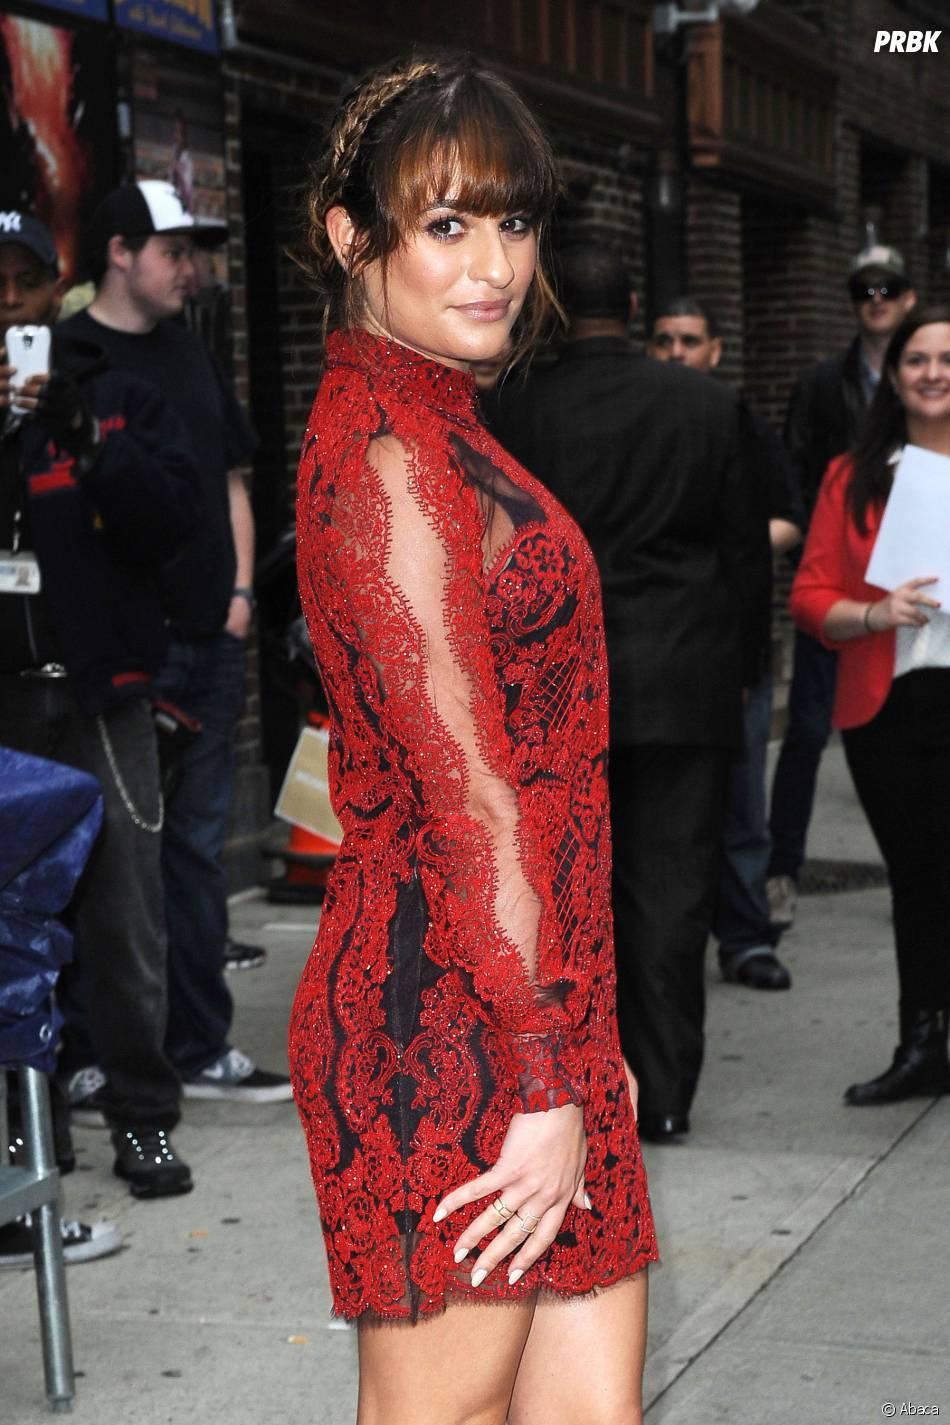 Glee : Lea Michele lors de la promotion de son livre